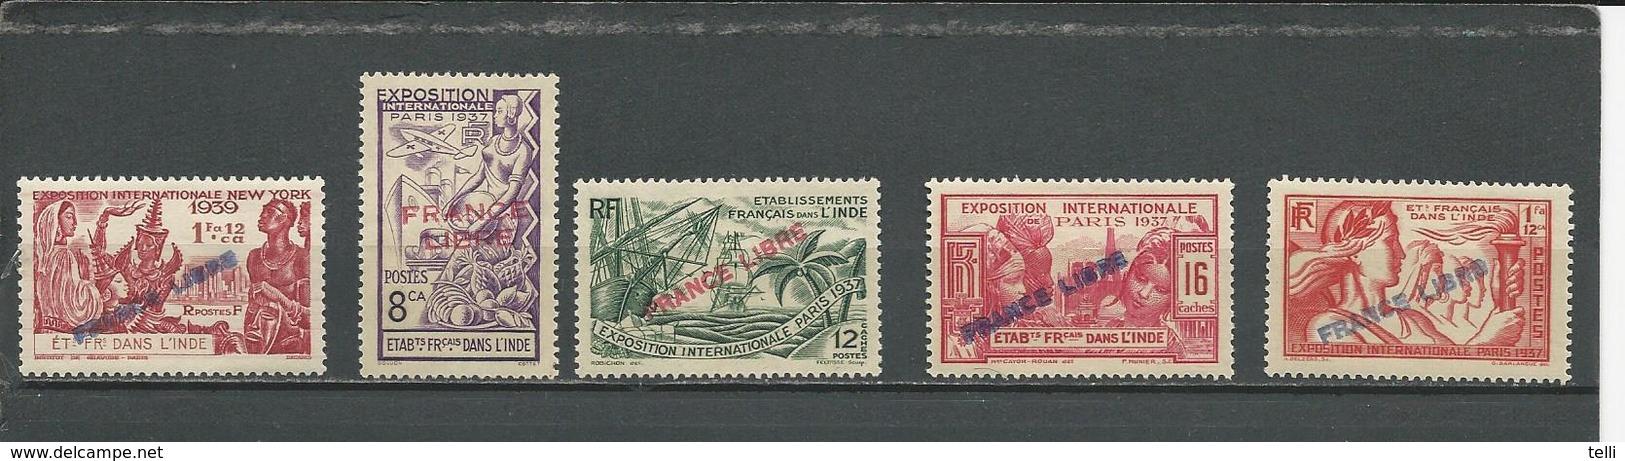 INDE FRANCAISE Scott 141, 135, 136, 137, 138 Yvert 157, 151, 152, 153, 154 (5) * Cote 31,50 $ 1941 - Inde (1892-1954)